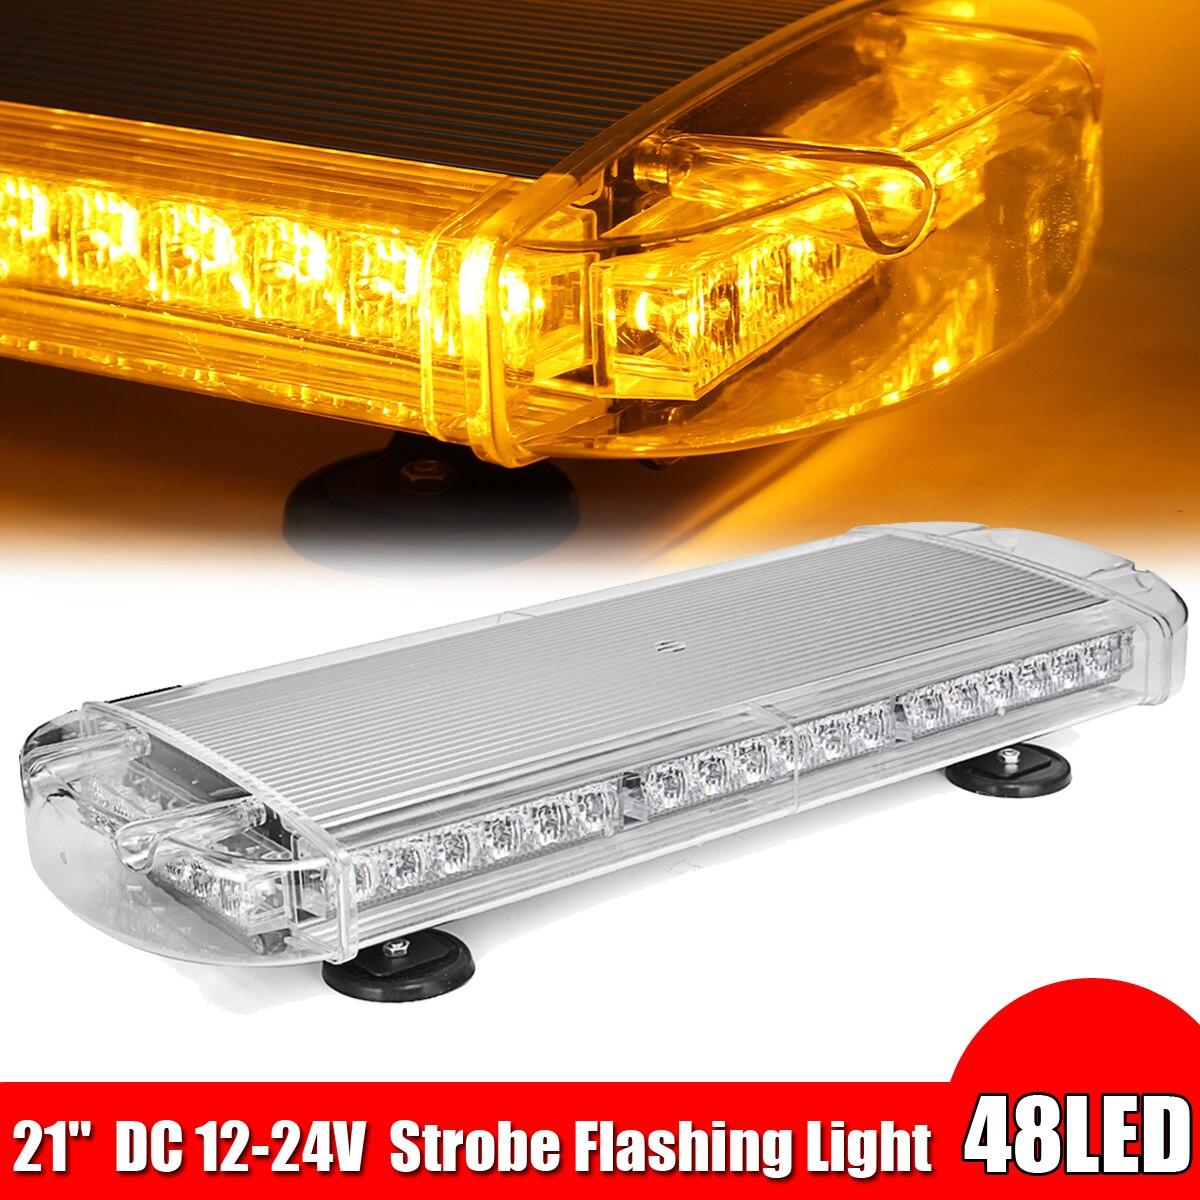 Mofaner 21 48 светодиодный автомобильный Предупреждение ющий светильник, мигающий стробоскоп для крыши, янтарный универсальный для BMW для Toyota